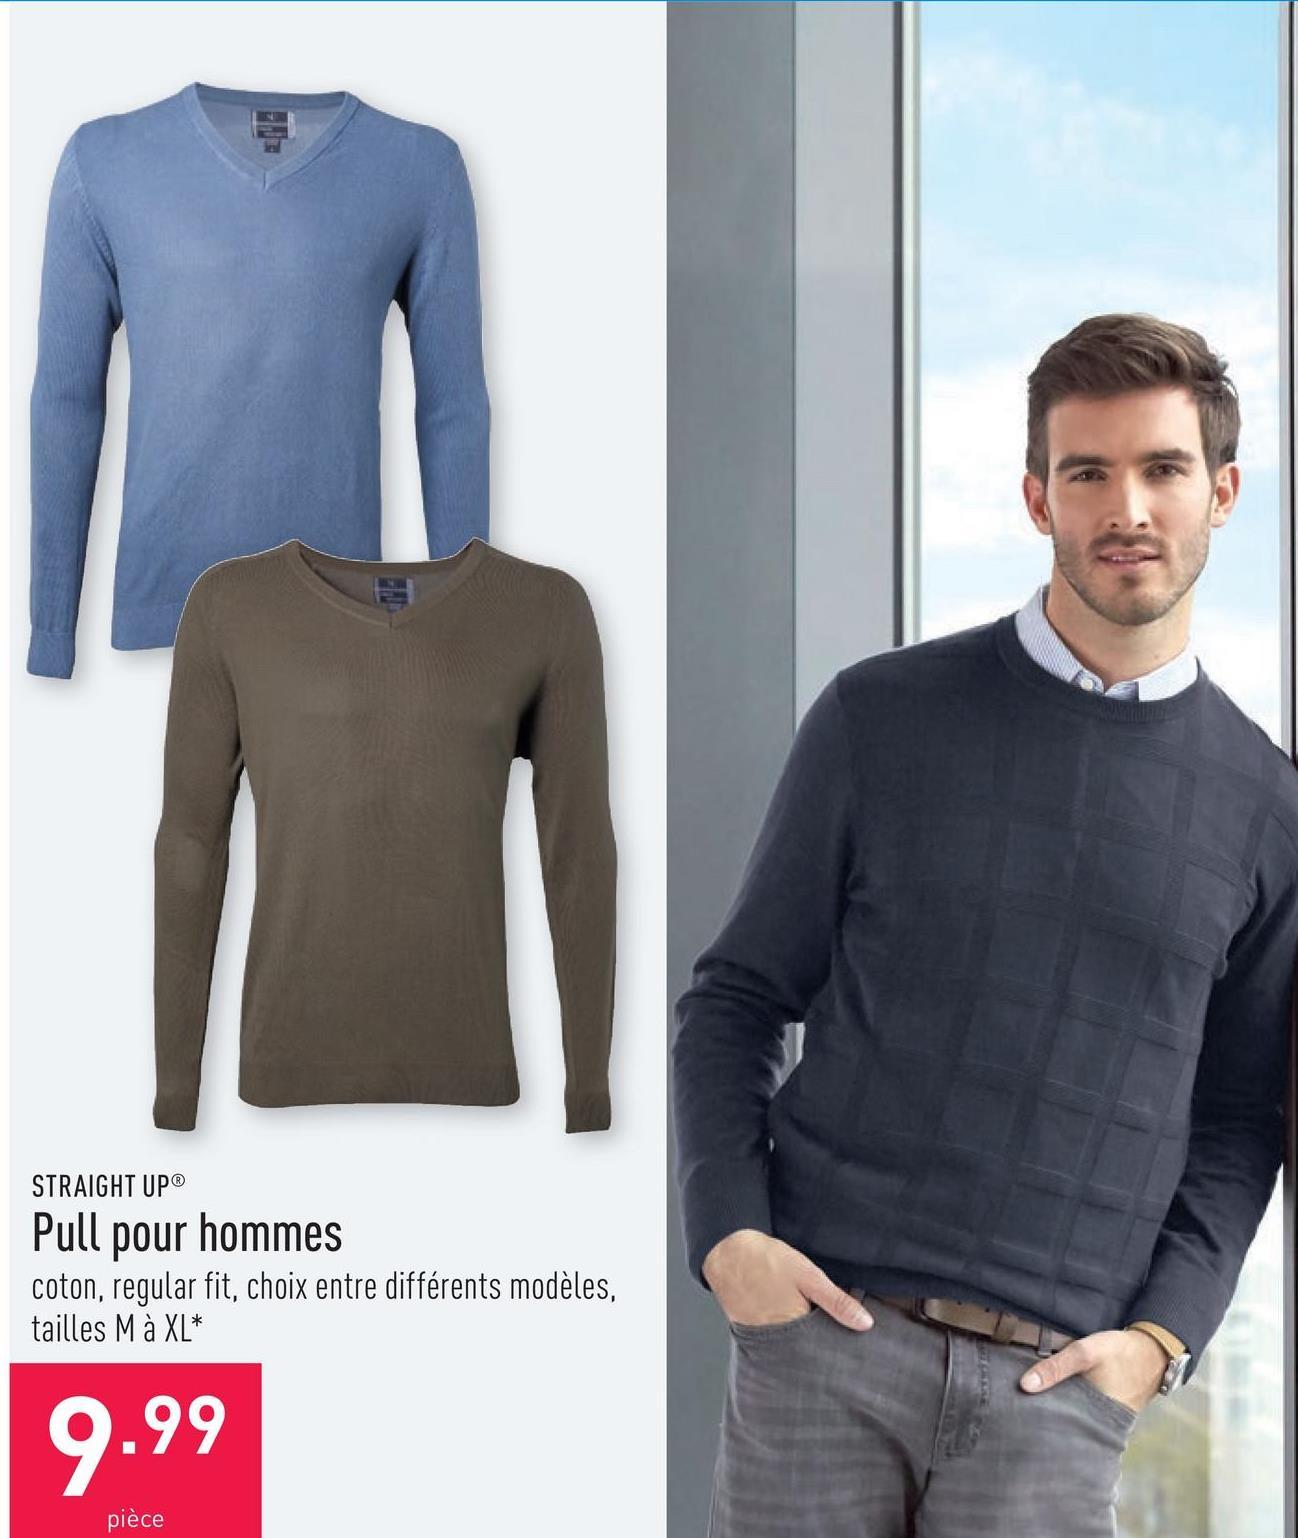 Pull pour hommes coton, regular fit, choix entre différents modèles, tailles M à XL*